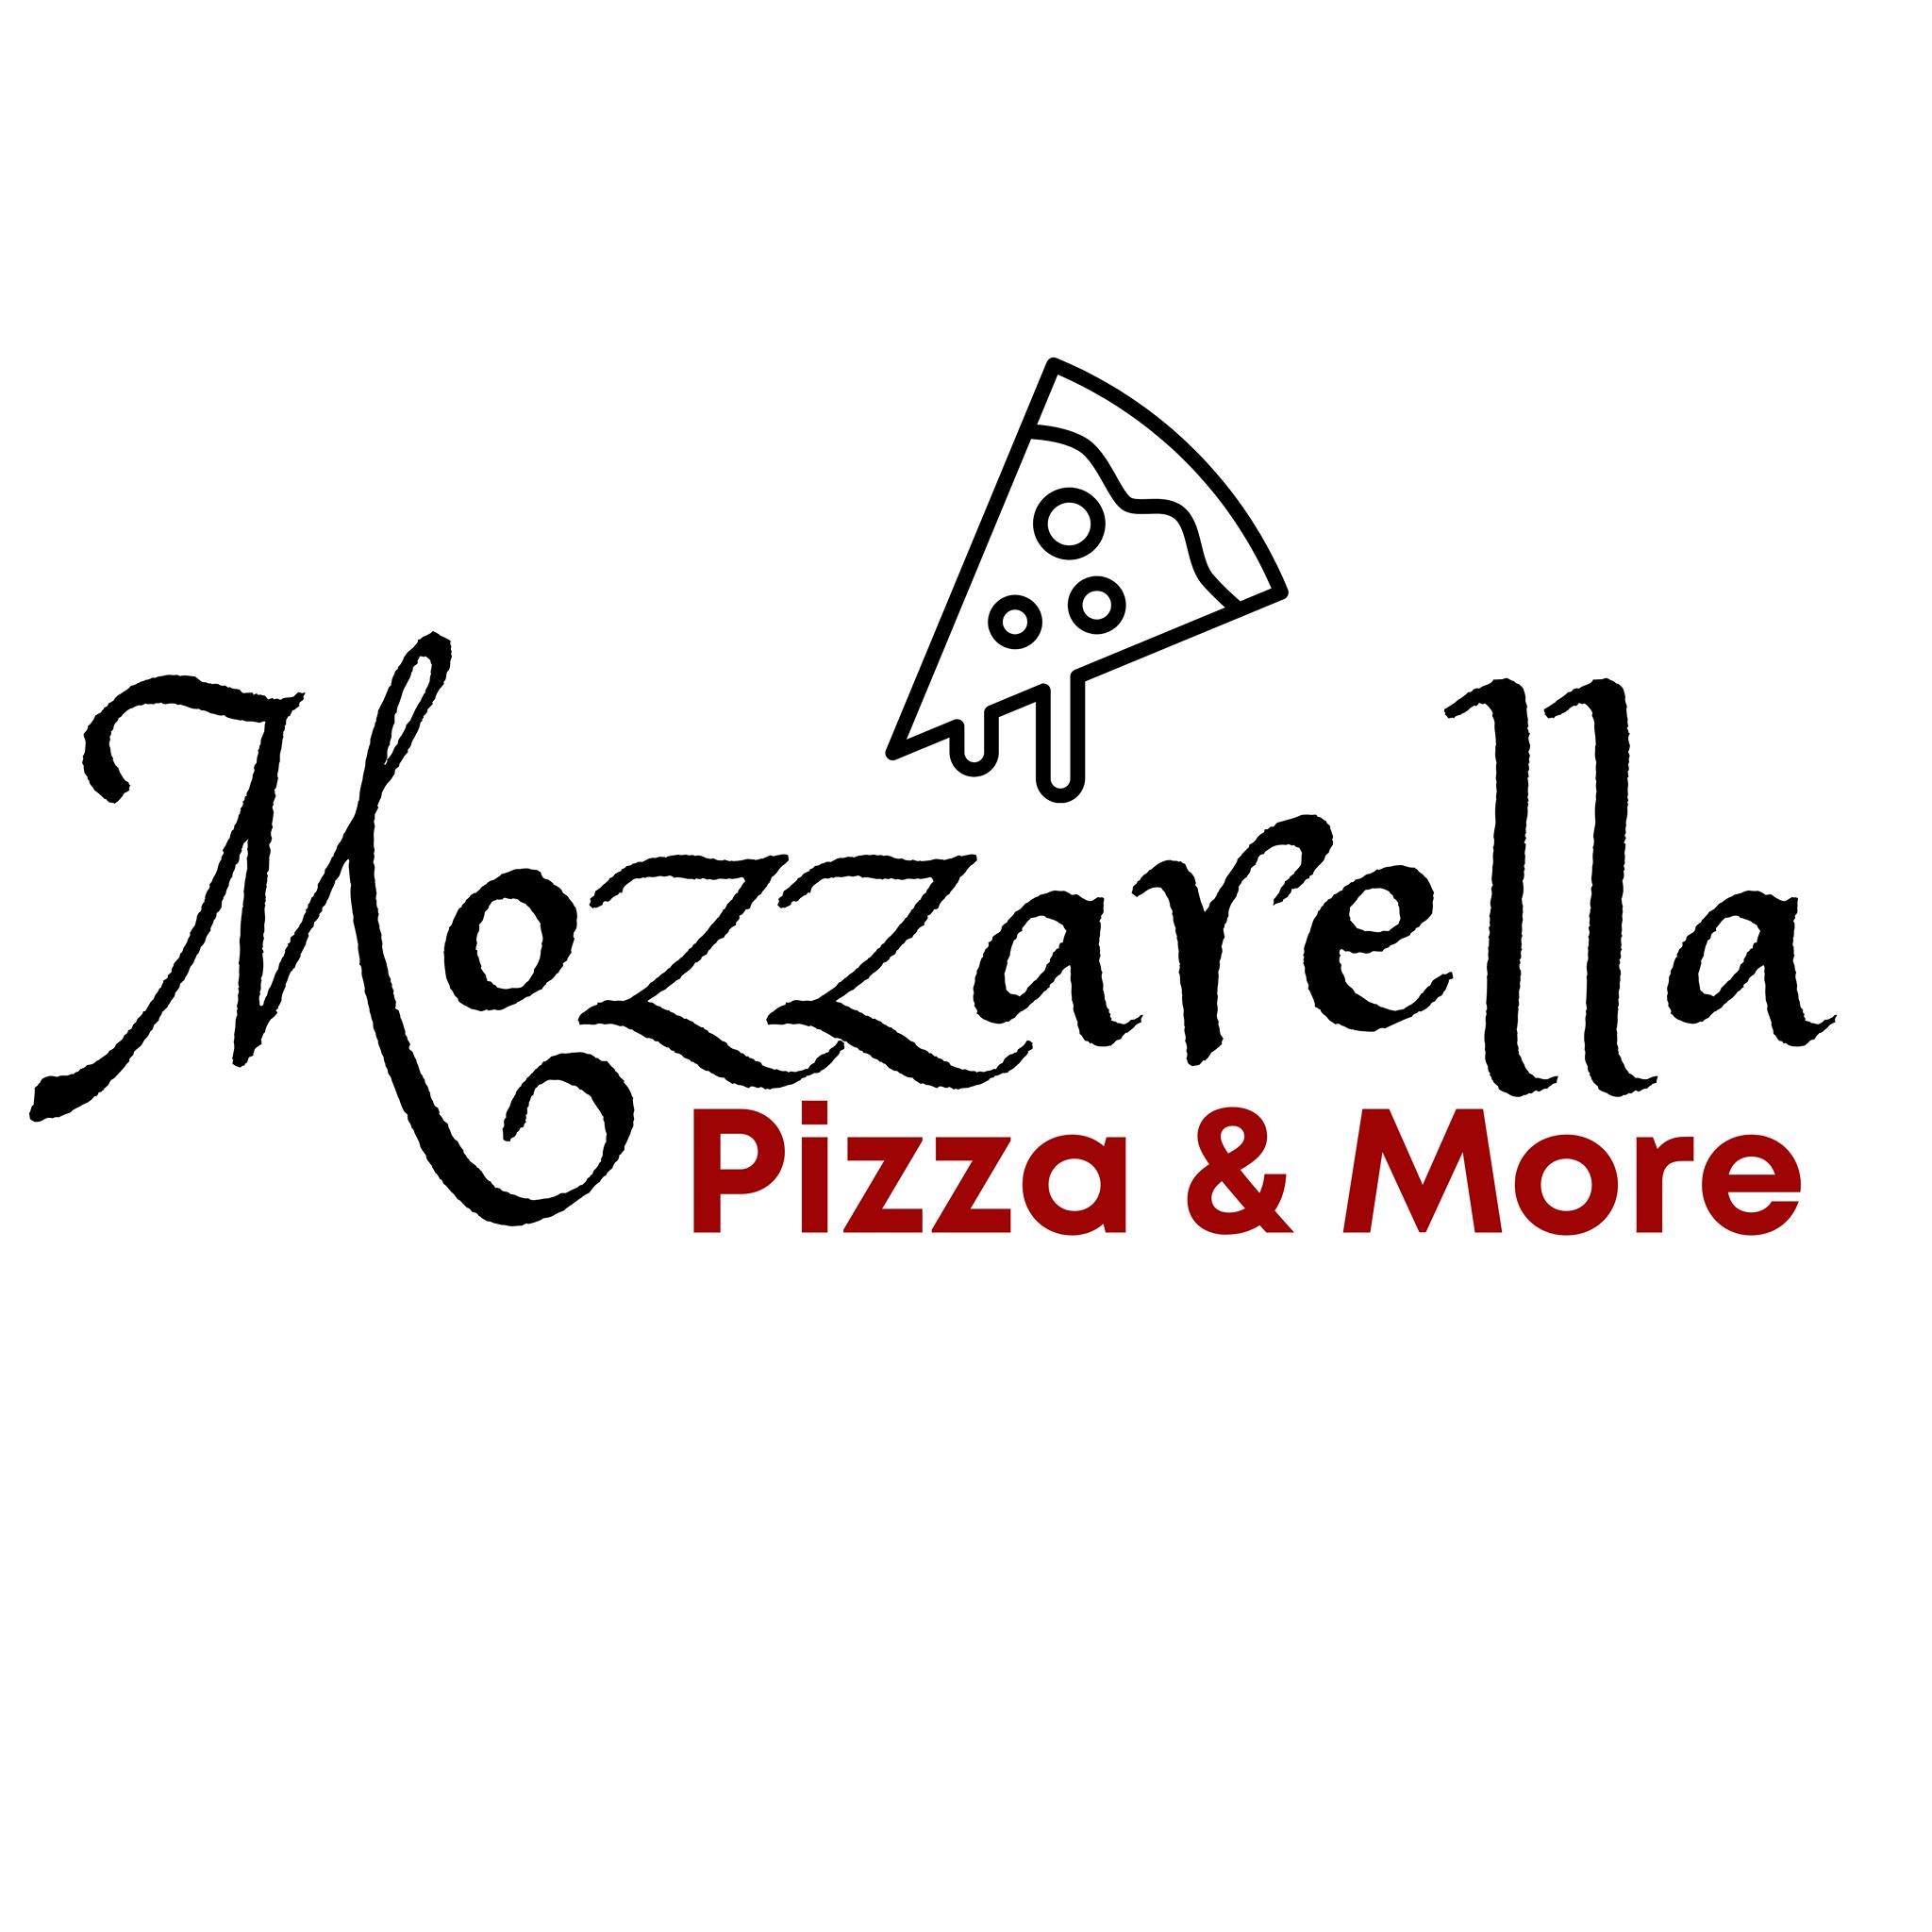 Mozzarella Pizza & More